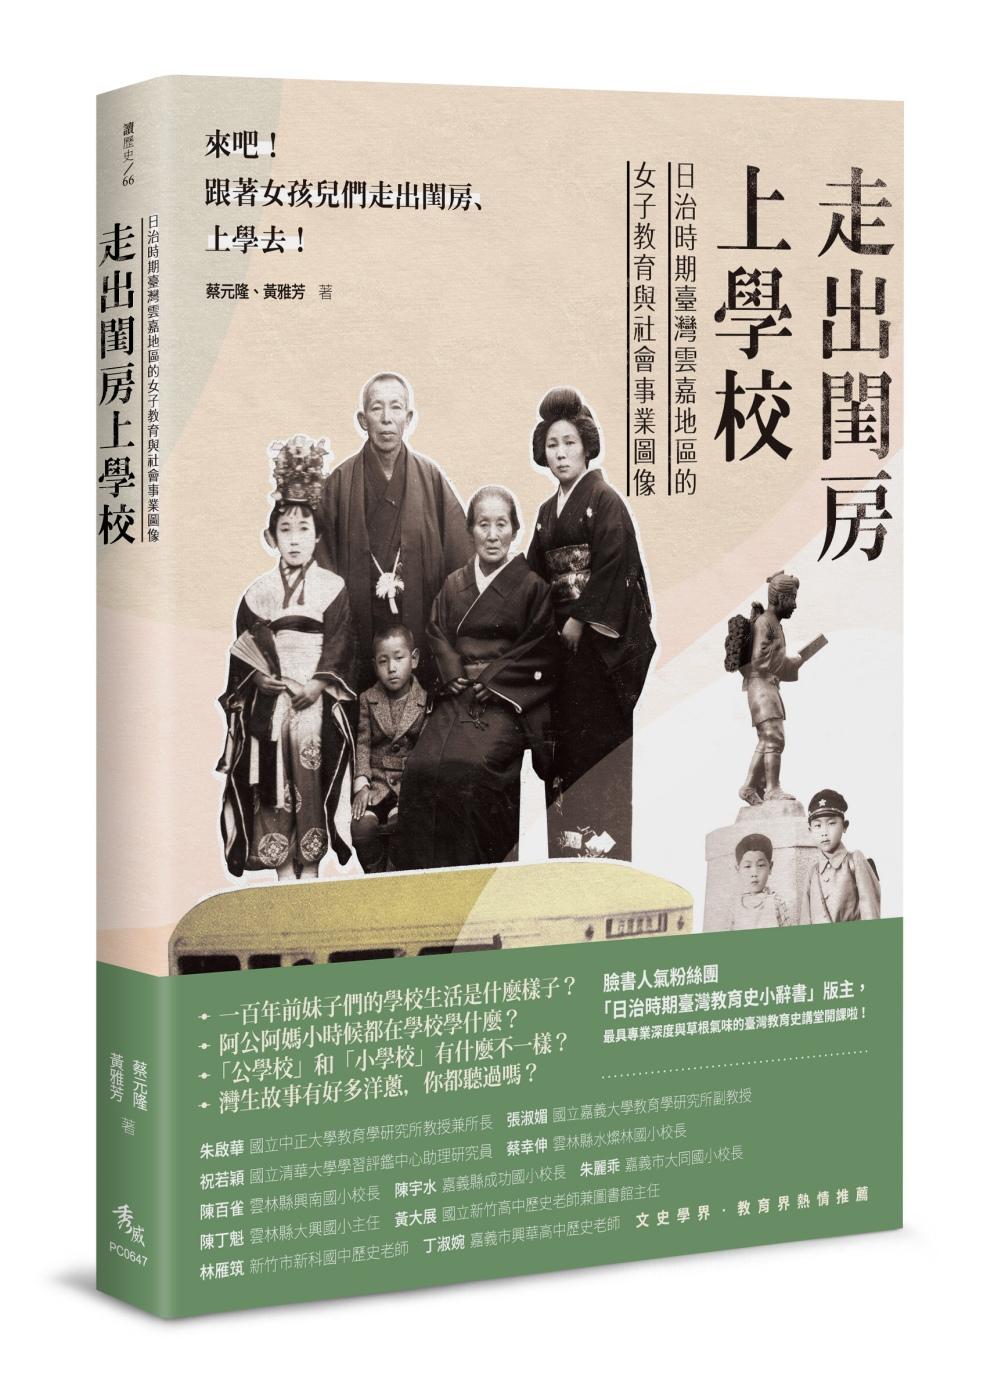 走出閨房上學校:日治時期臺灣雲嘉地區的女子教育與社會事業圖像